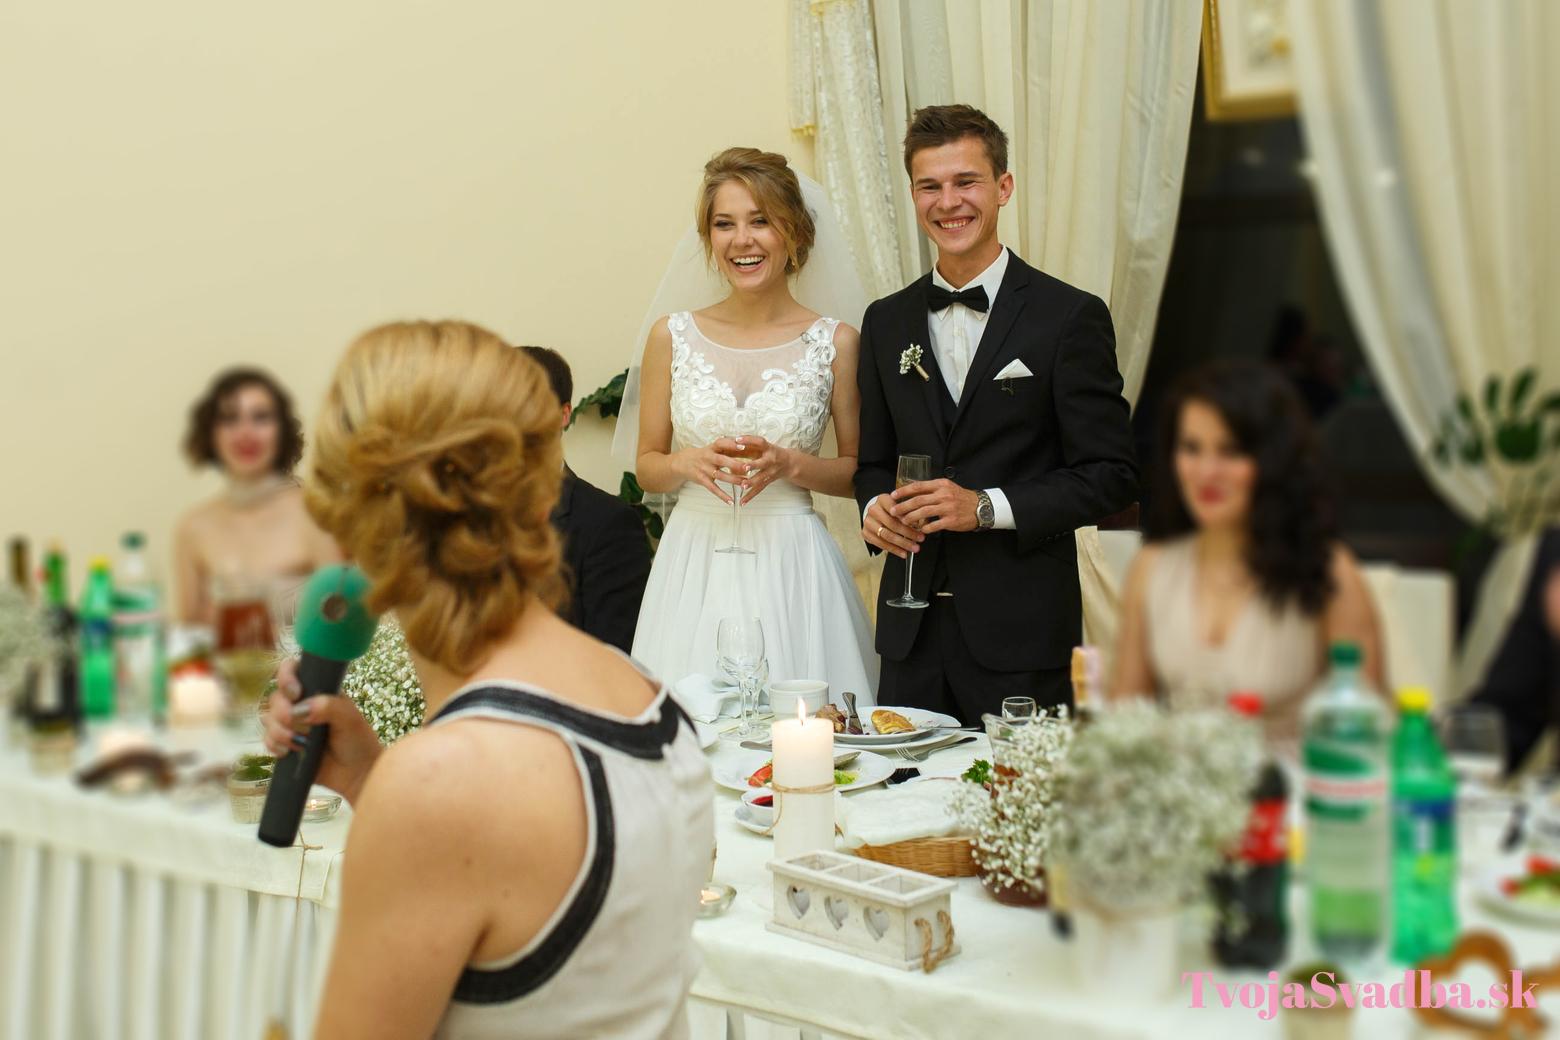 7d620c3374fc Poďakovanie rodičom na svadbe  Slová vďaky alebo darčeky ...